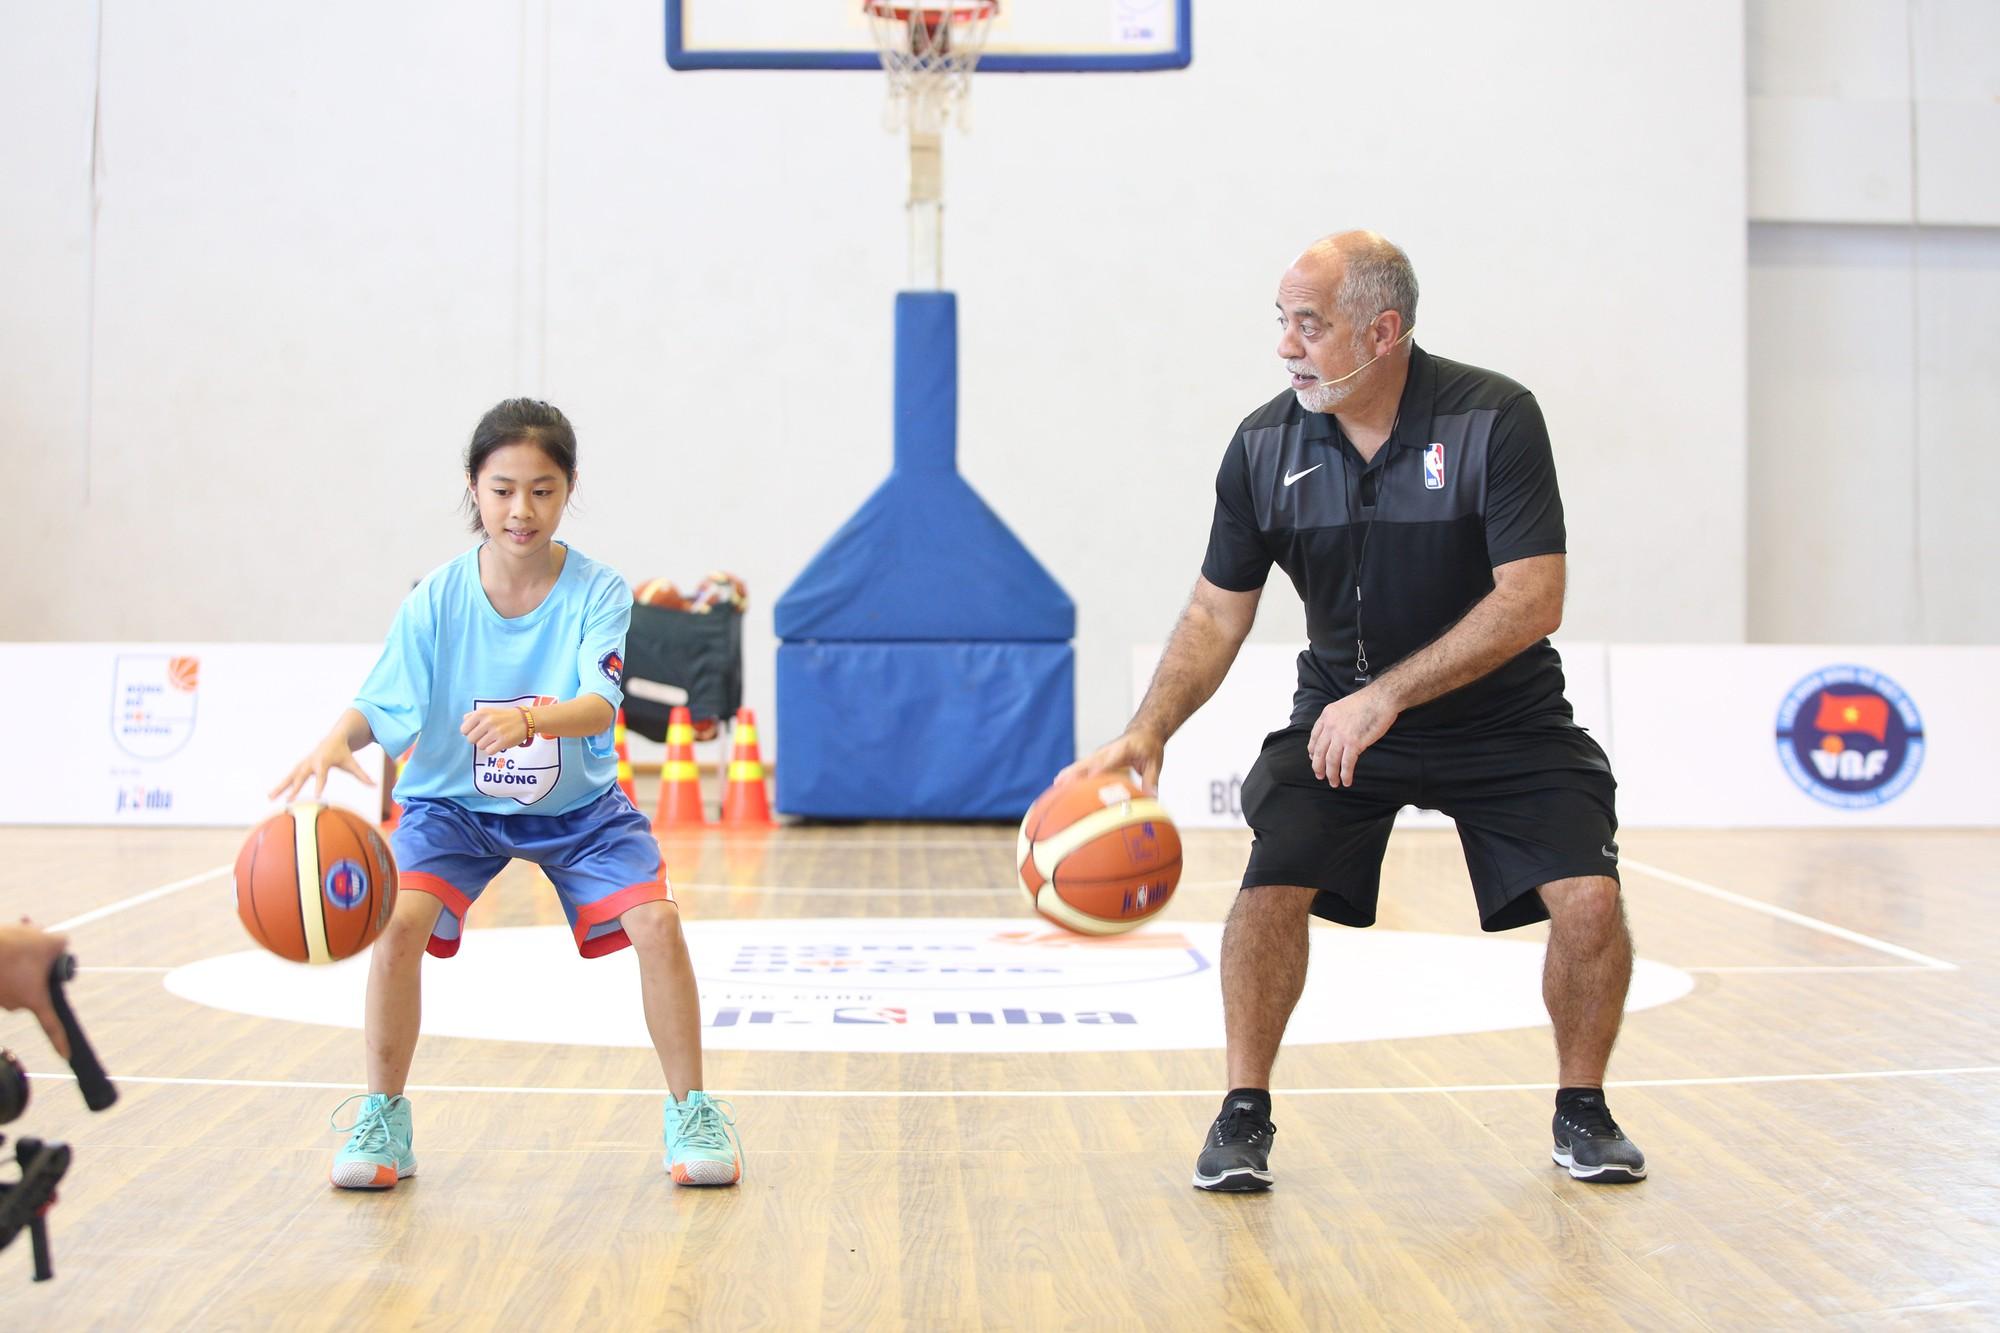 Hơn 1.000 giáo viên thể dục tham dự ngày tập huấn bóng rổ chuẩn NBA tại TP.HCM - Ảnh 2.